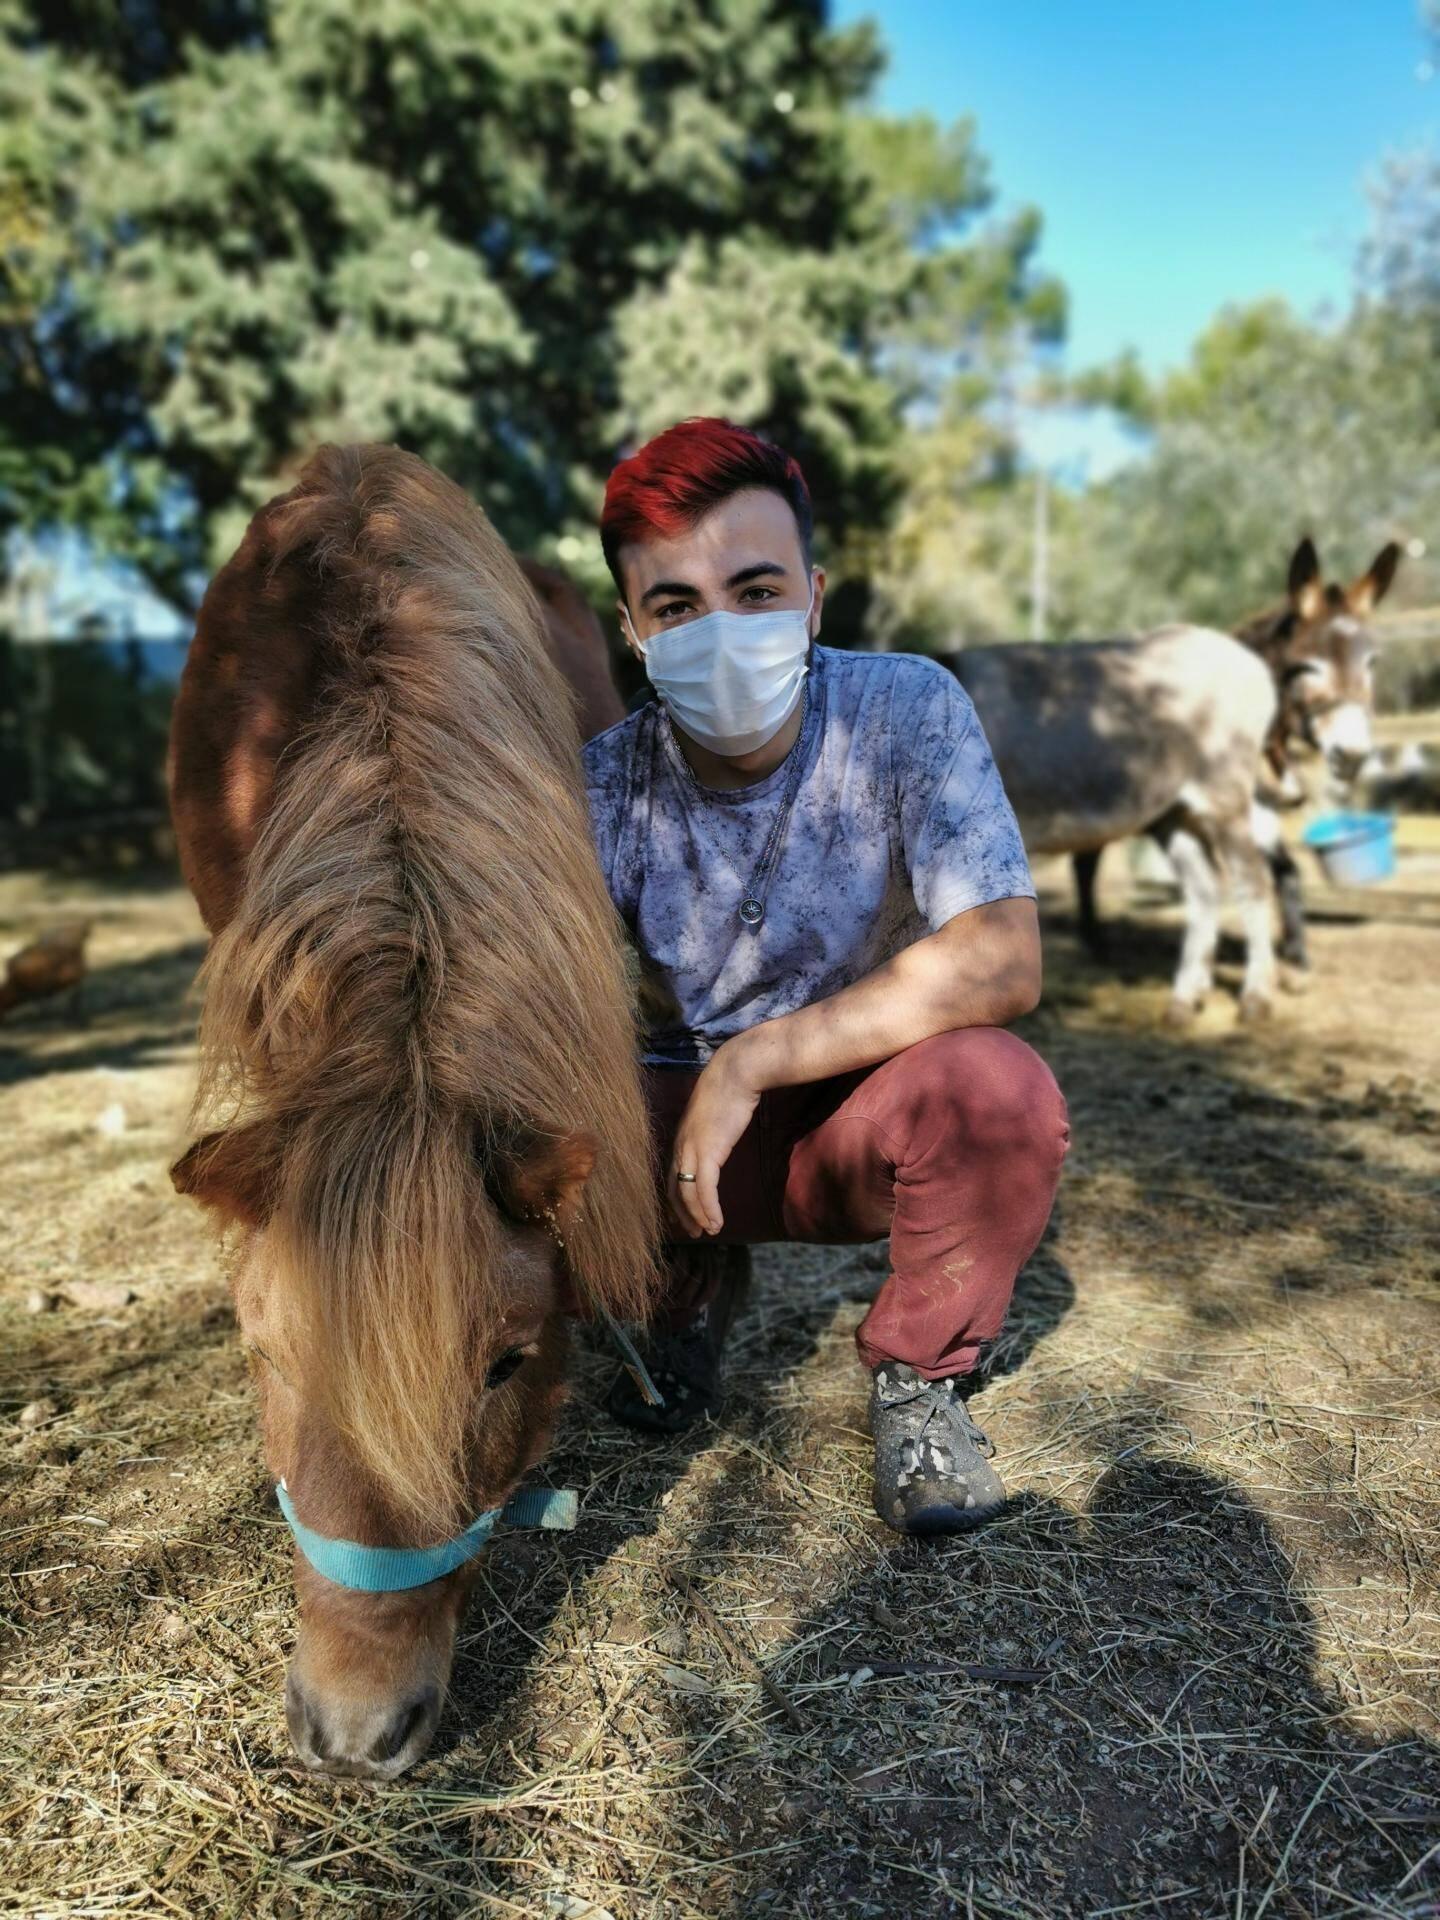 Les équidés, cheval de 30 ans, poneys, ânes, ont un enclos qu'ils partagent avec deux lamas. Téo, en service civique vient de les nourrir.